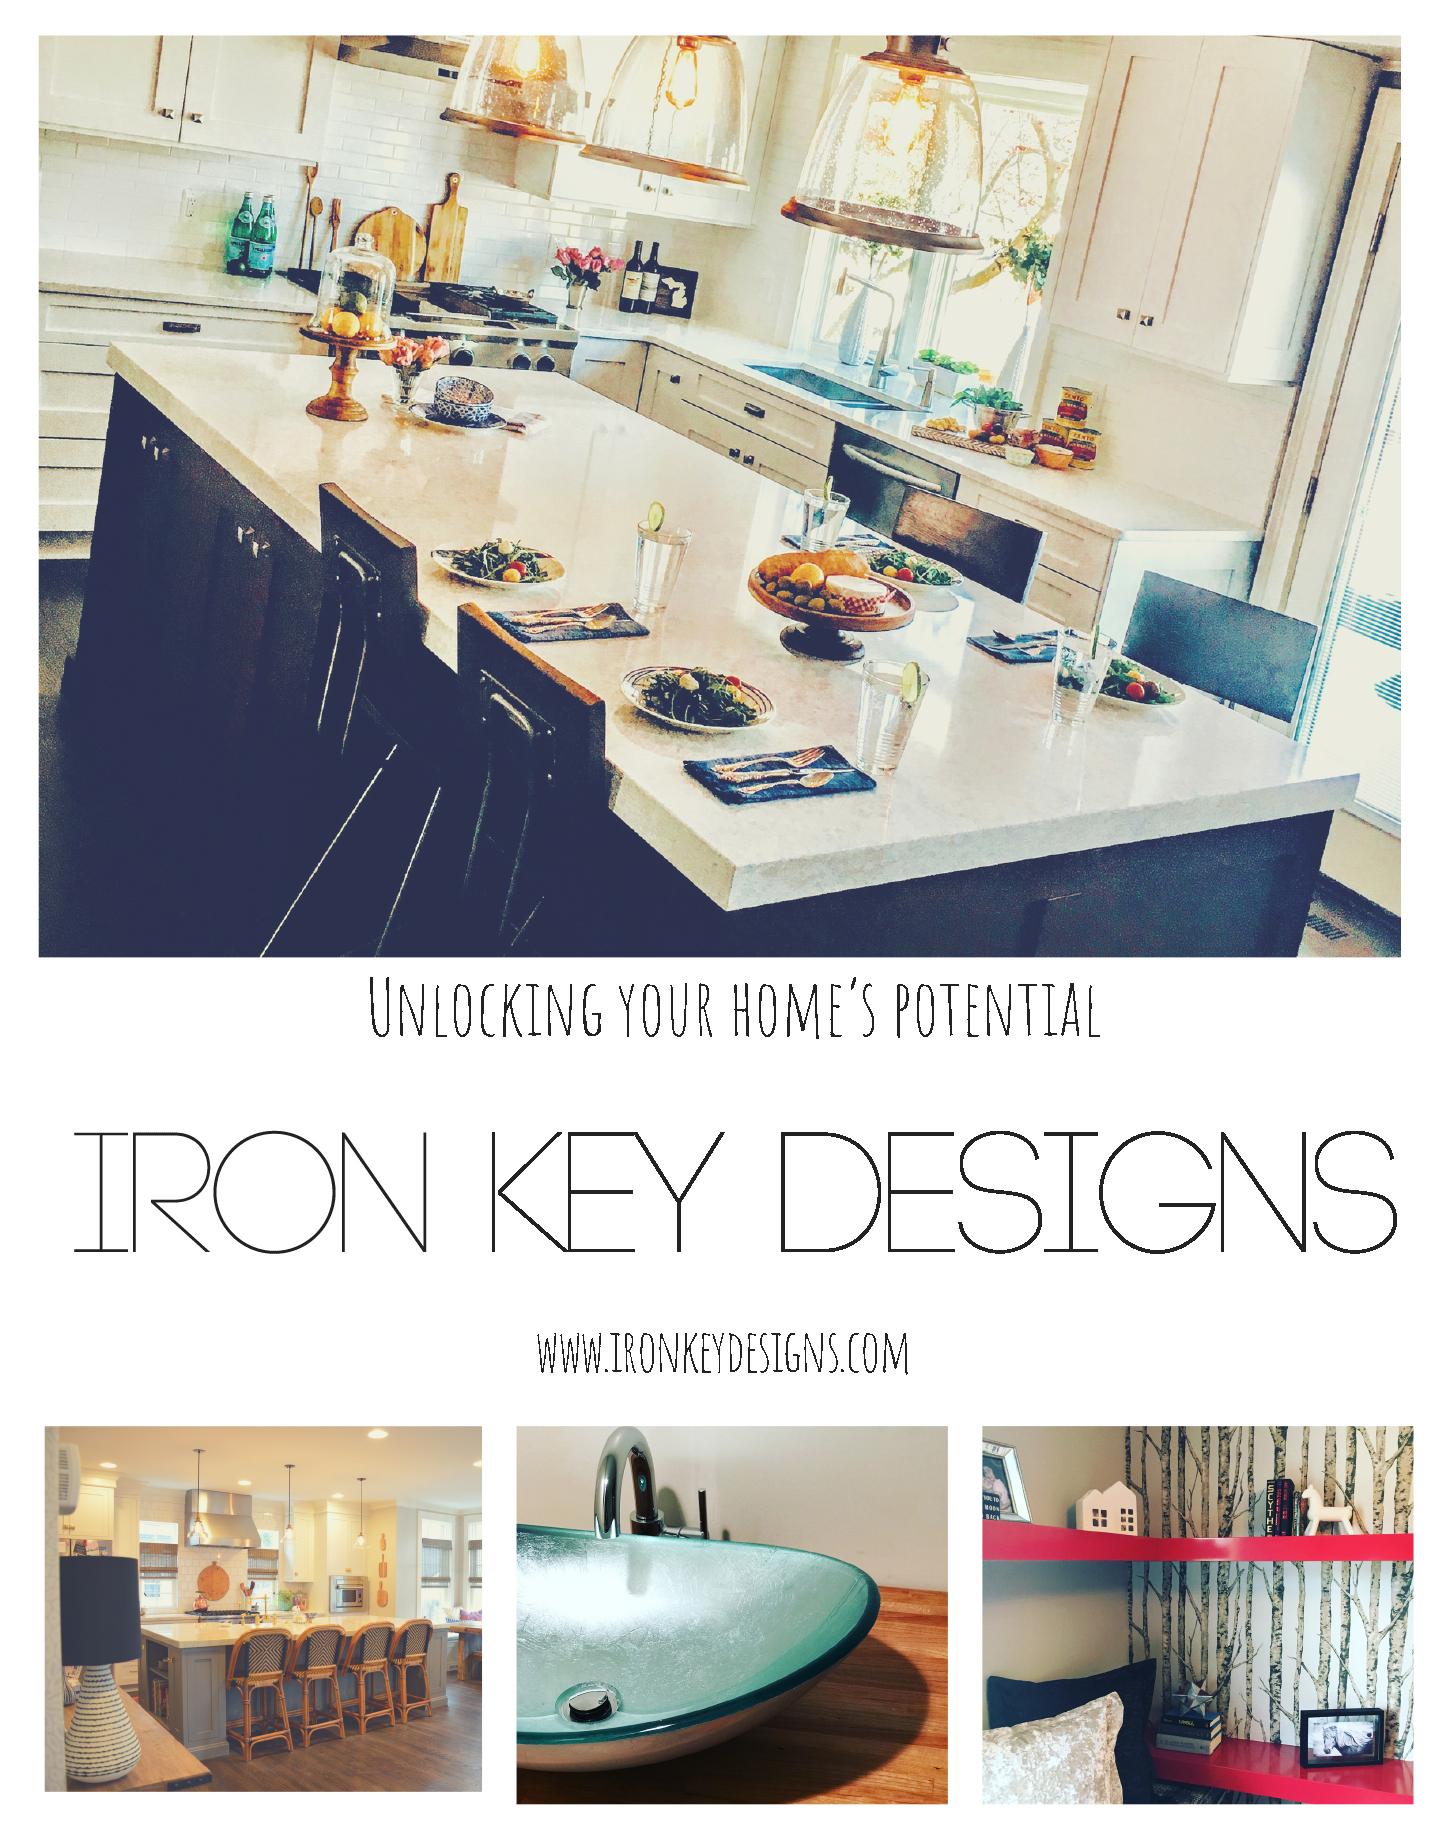 www.ironkeydesigns.com